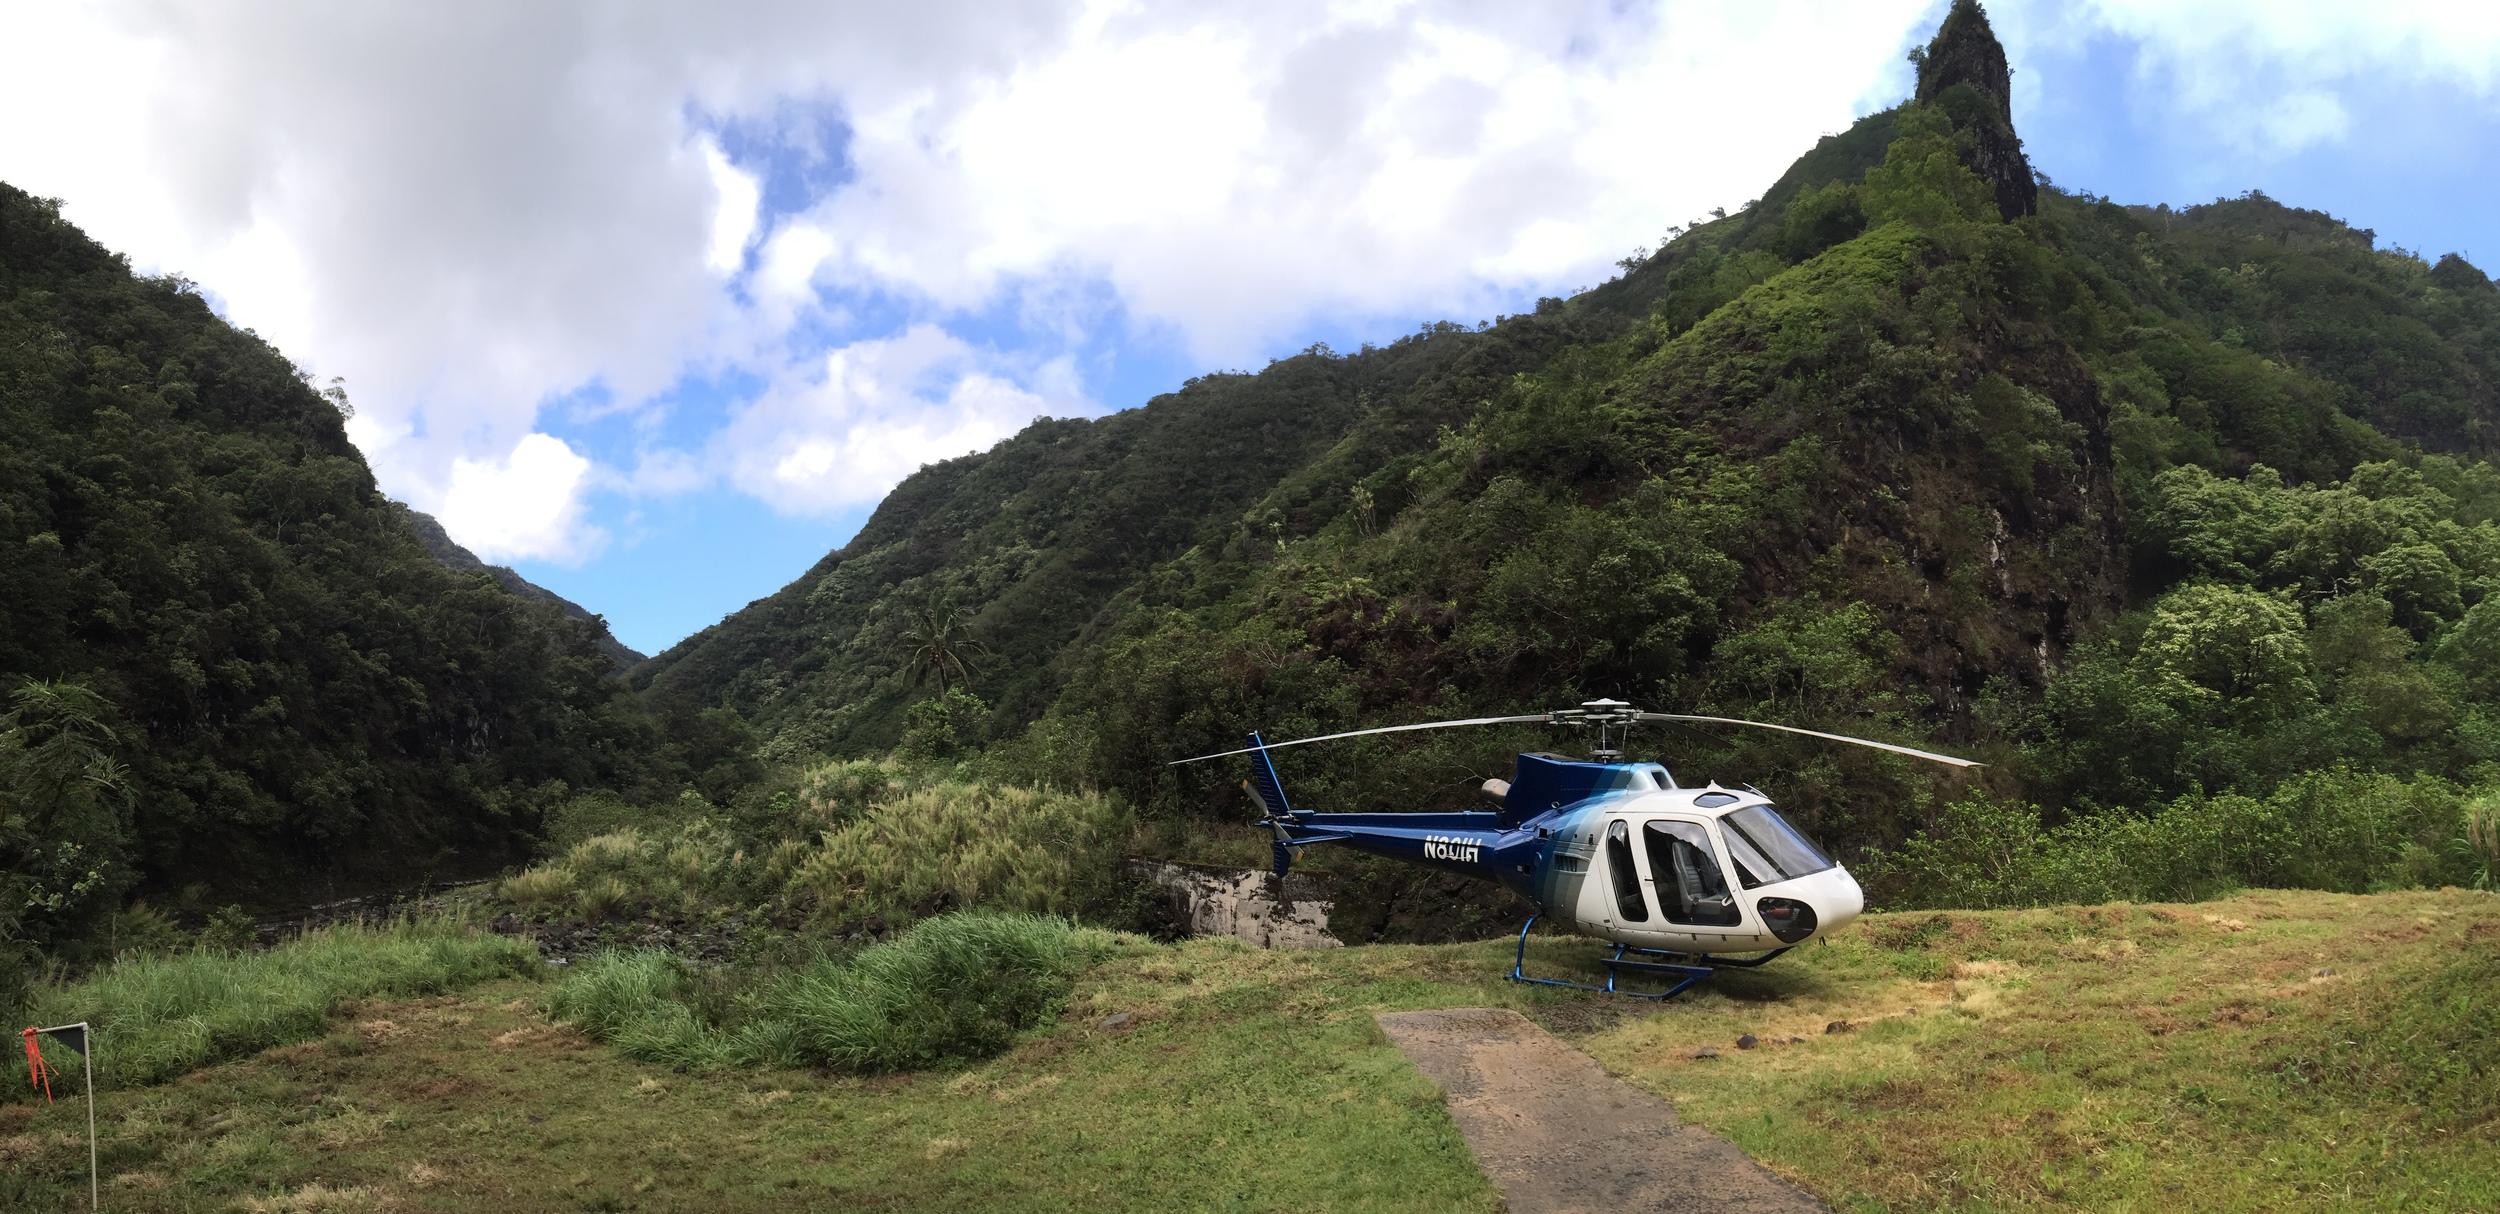 Island Helicopters Tour to Jurassic Falls // Kauai, Hawaii via Jitney's Journeys